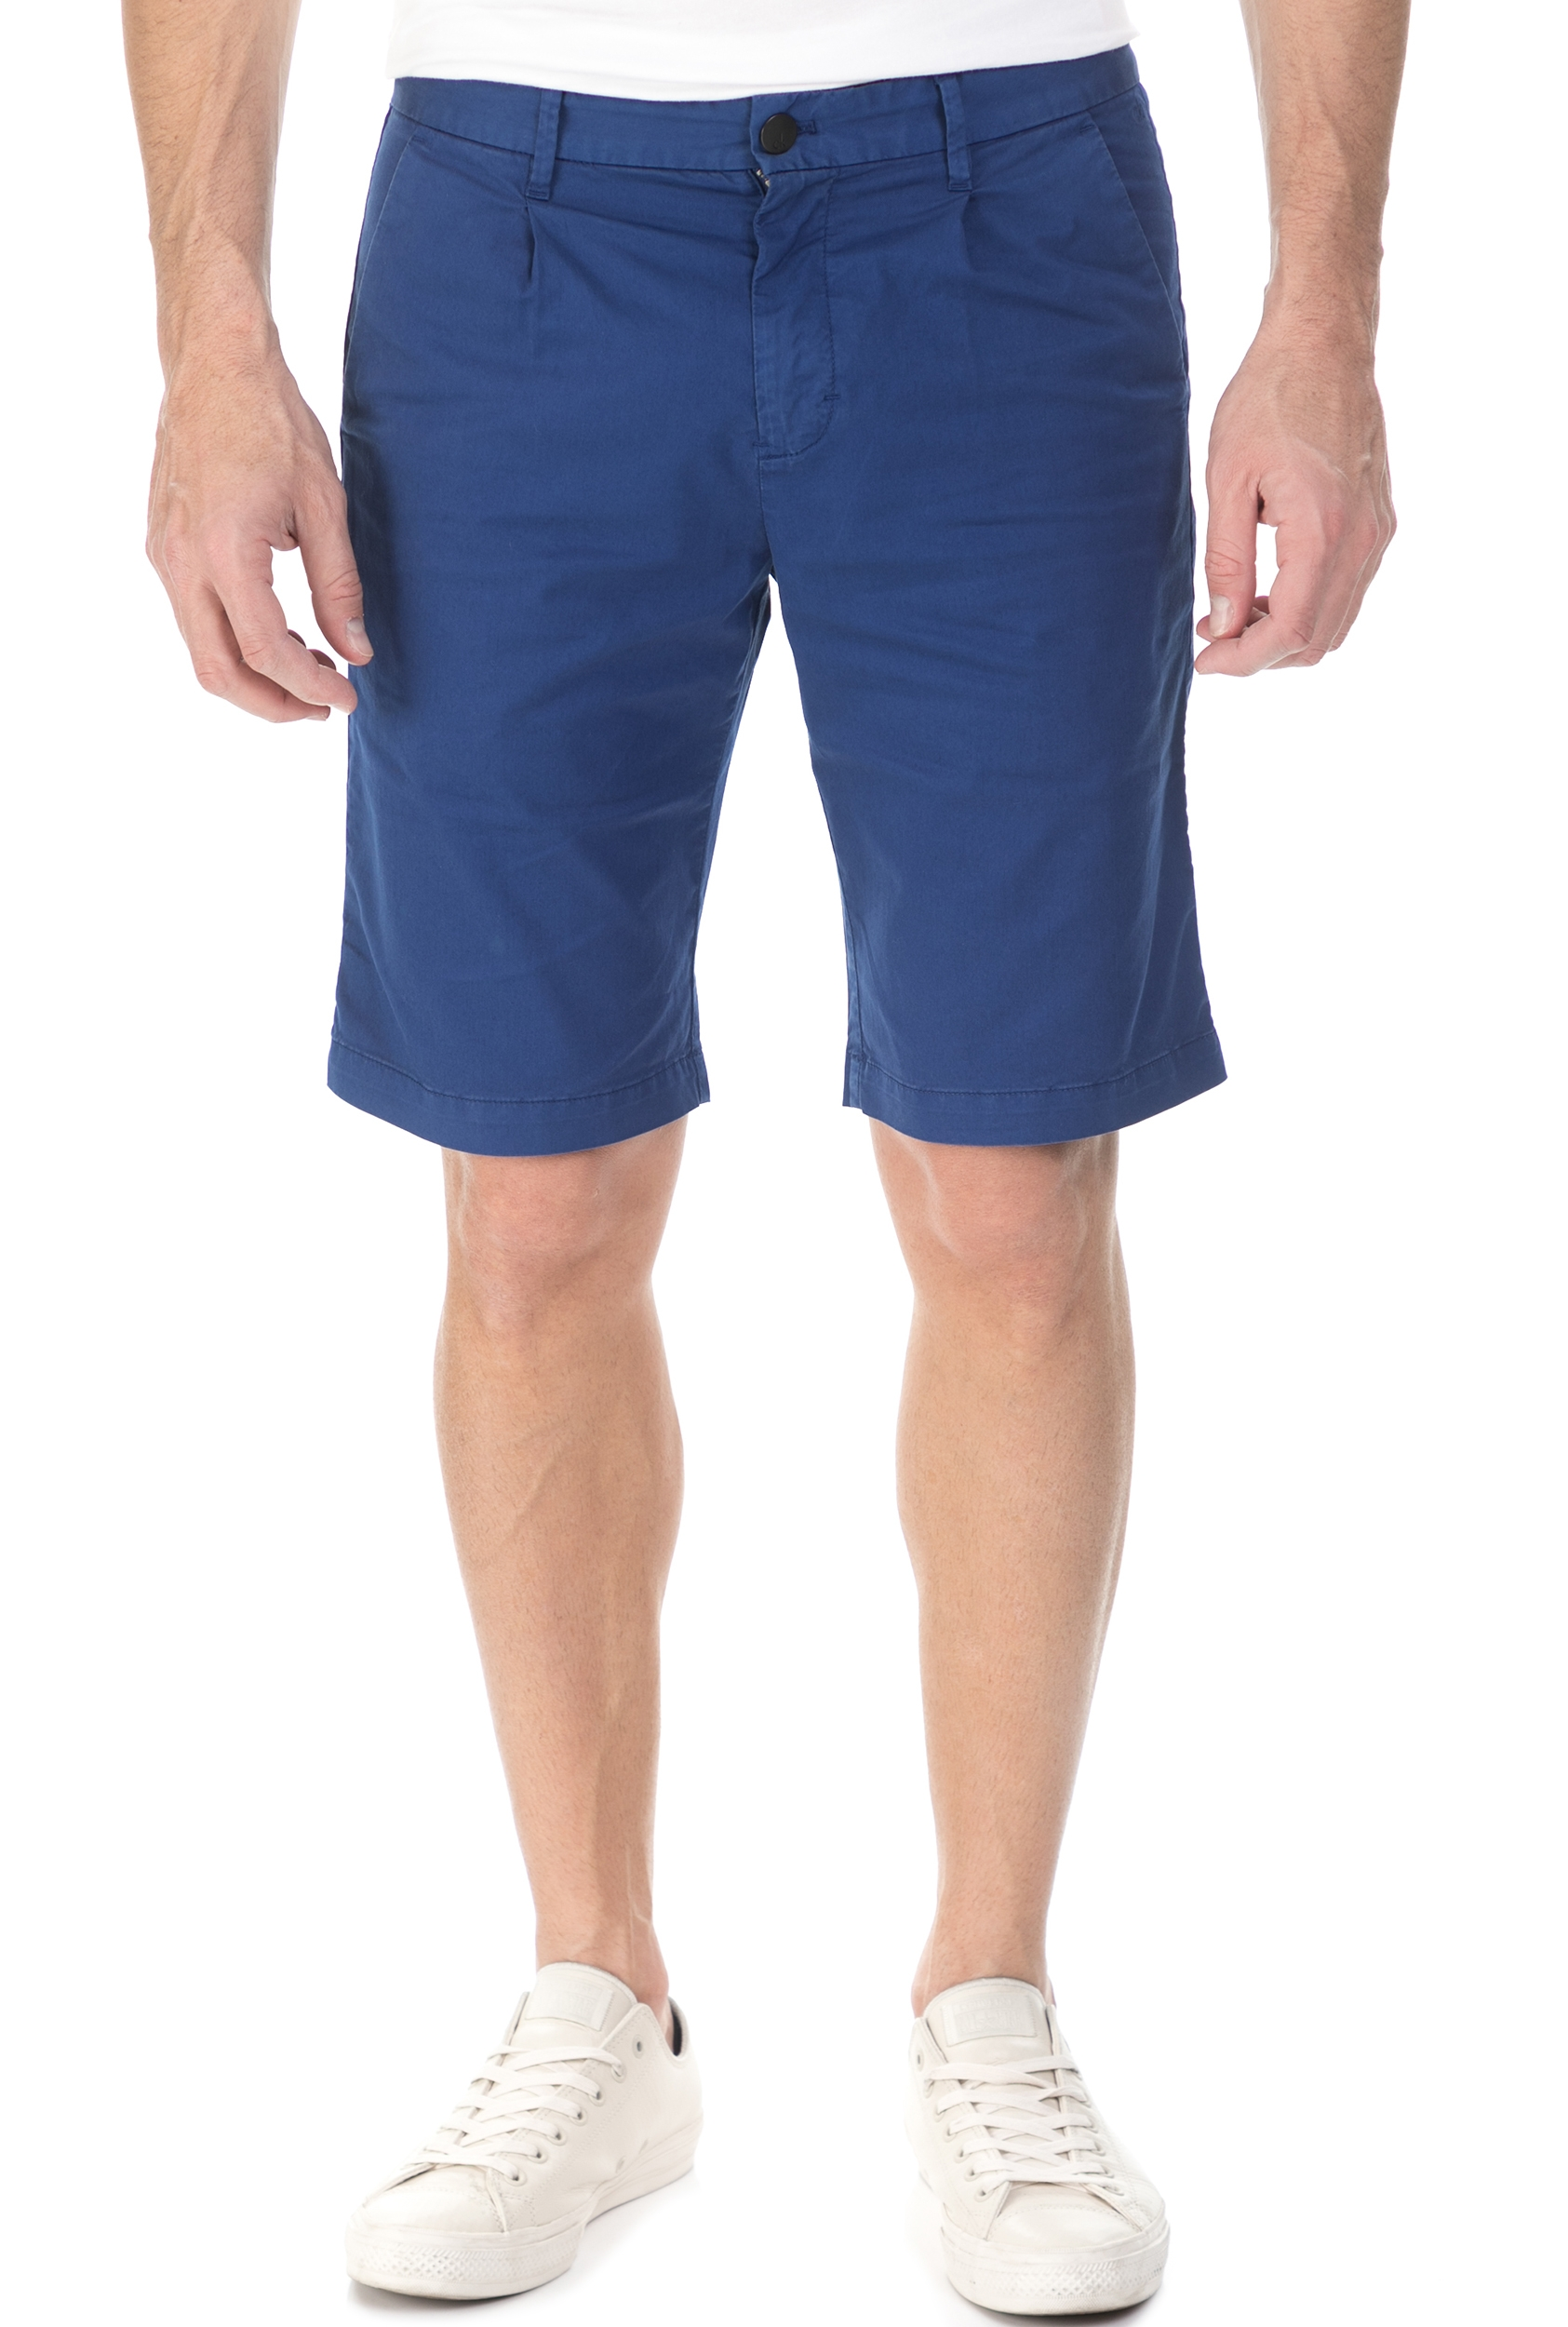 CALVIN KLEIN JEANS - Ανδρικη βερμούδα chino Calvin Klein Jeans HAYDEN PLEAT μπλε